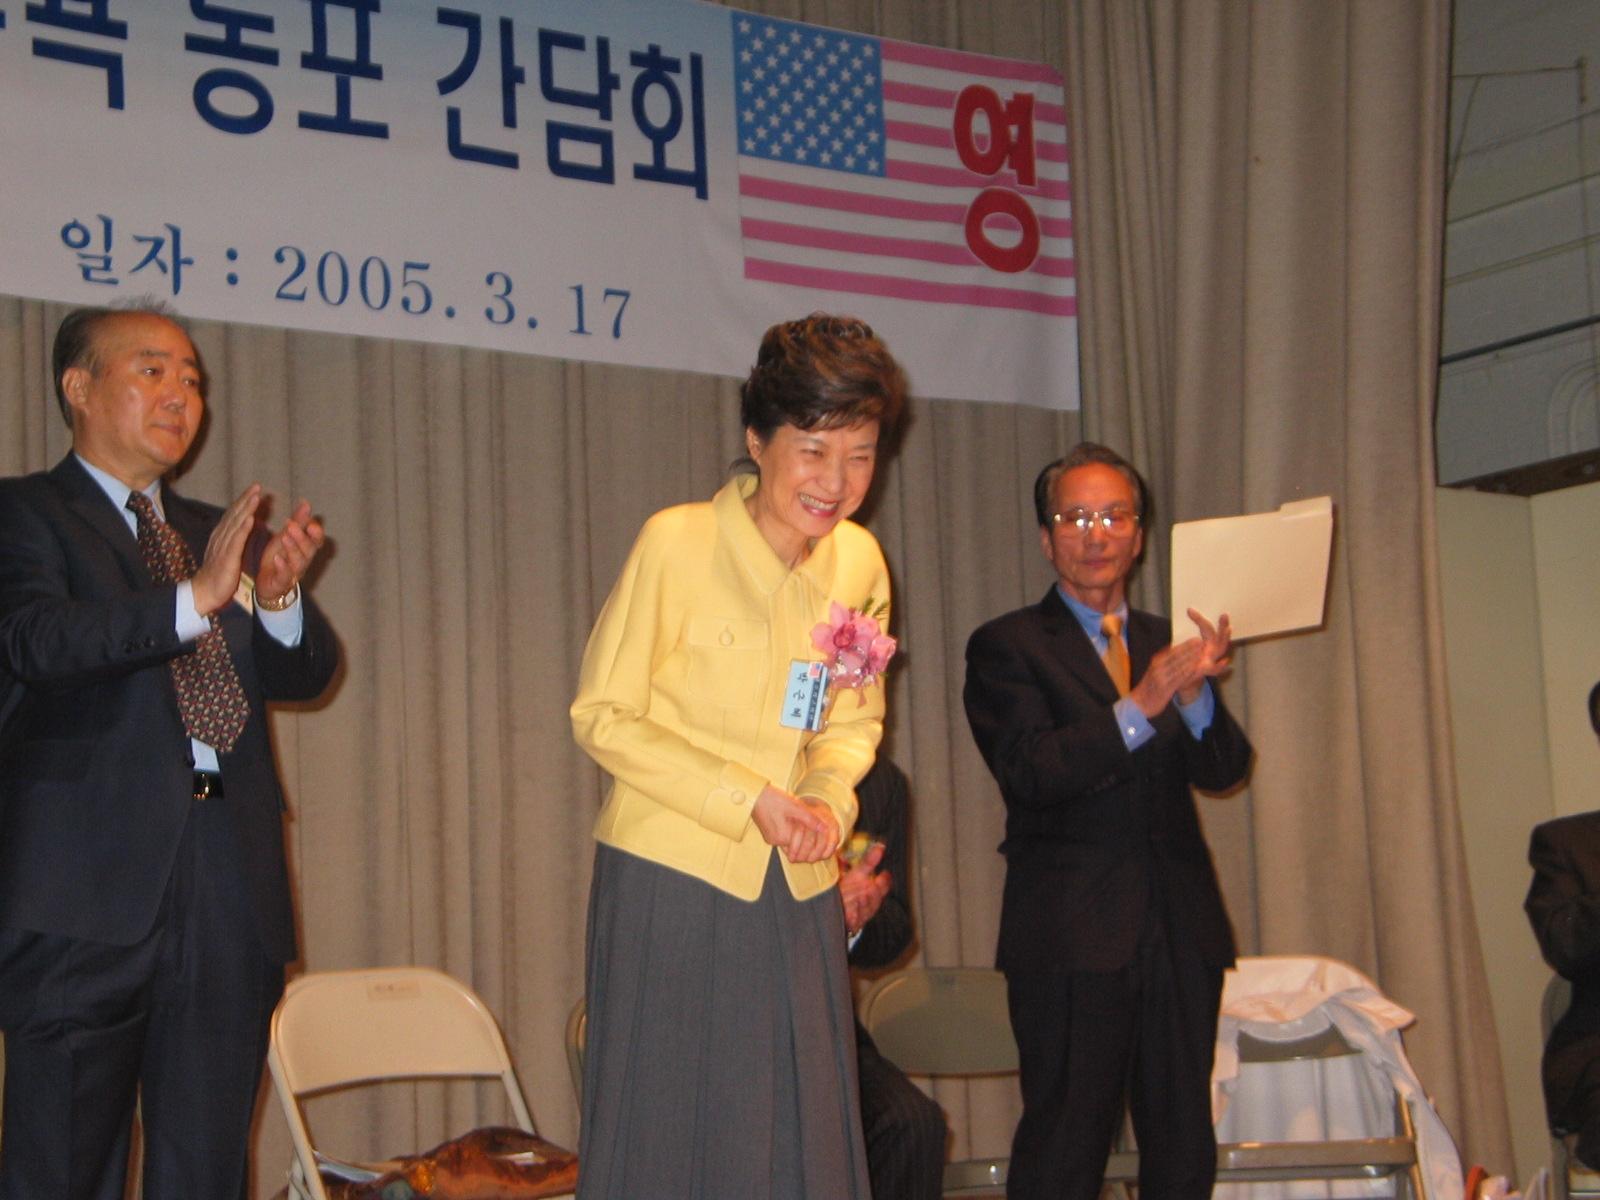 박근혜대표 환영식3-17-05 053.jpg